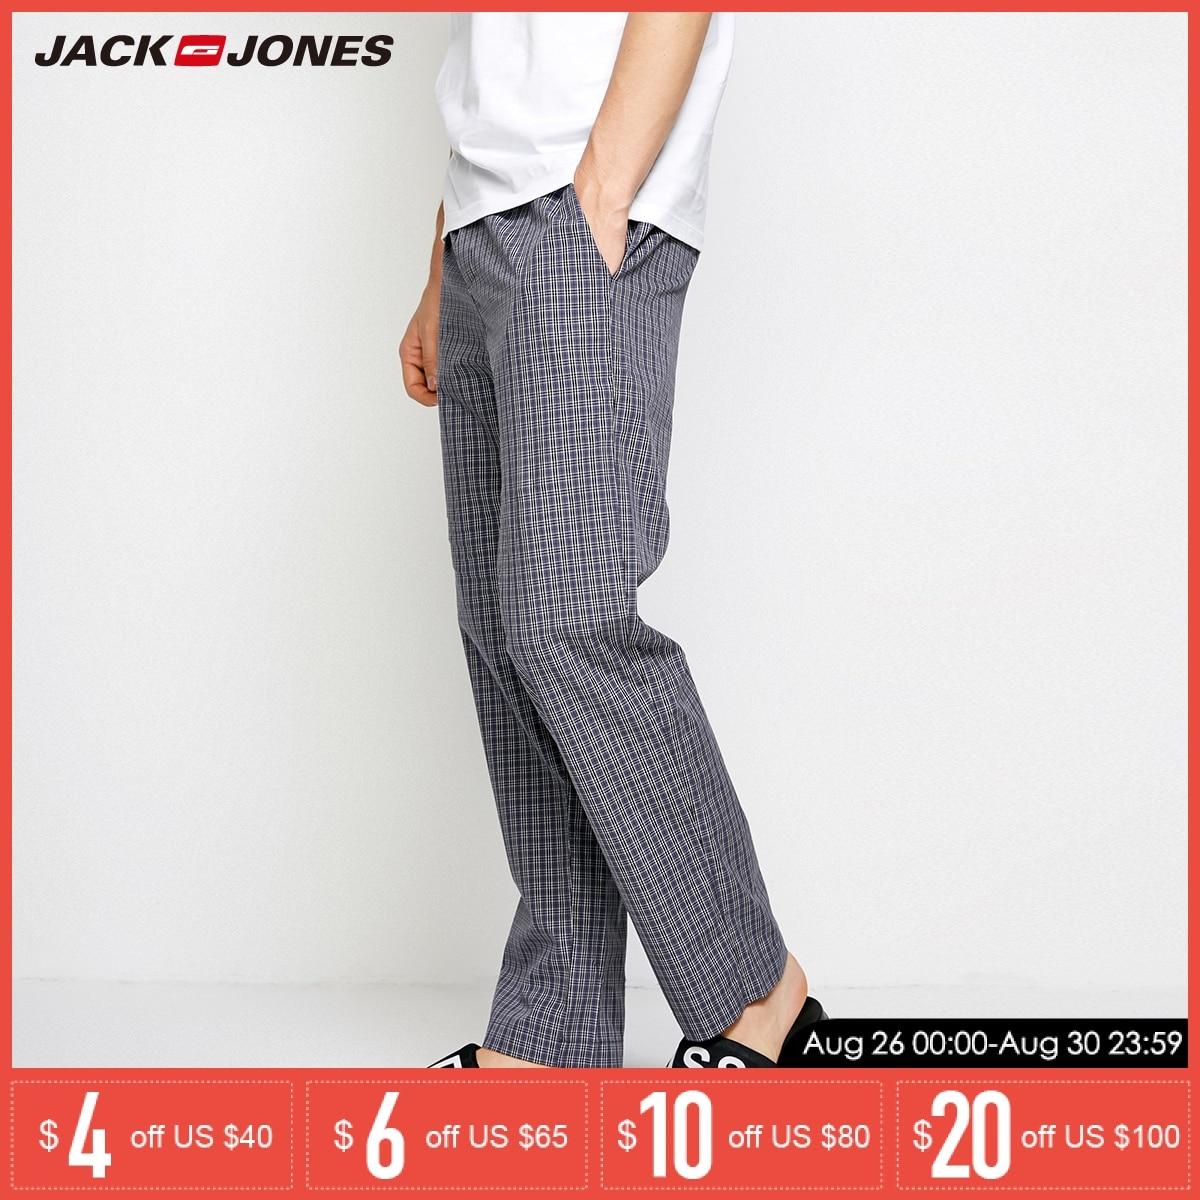 Pants Jones Men Cotton Summer Casual 2183HC501 Plaid Jack Trousers Spring New